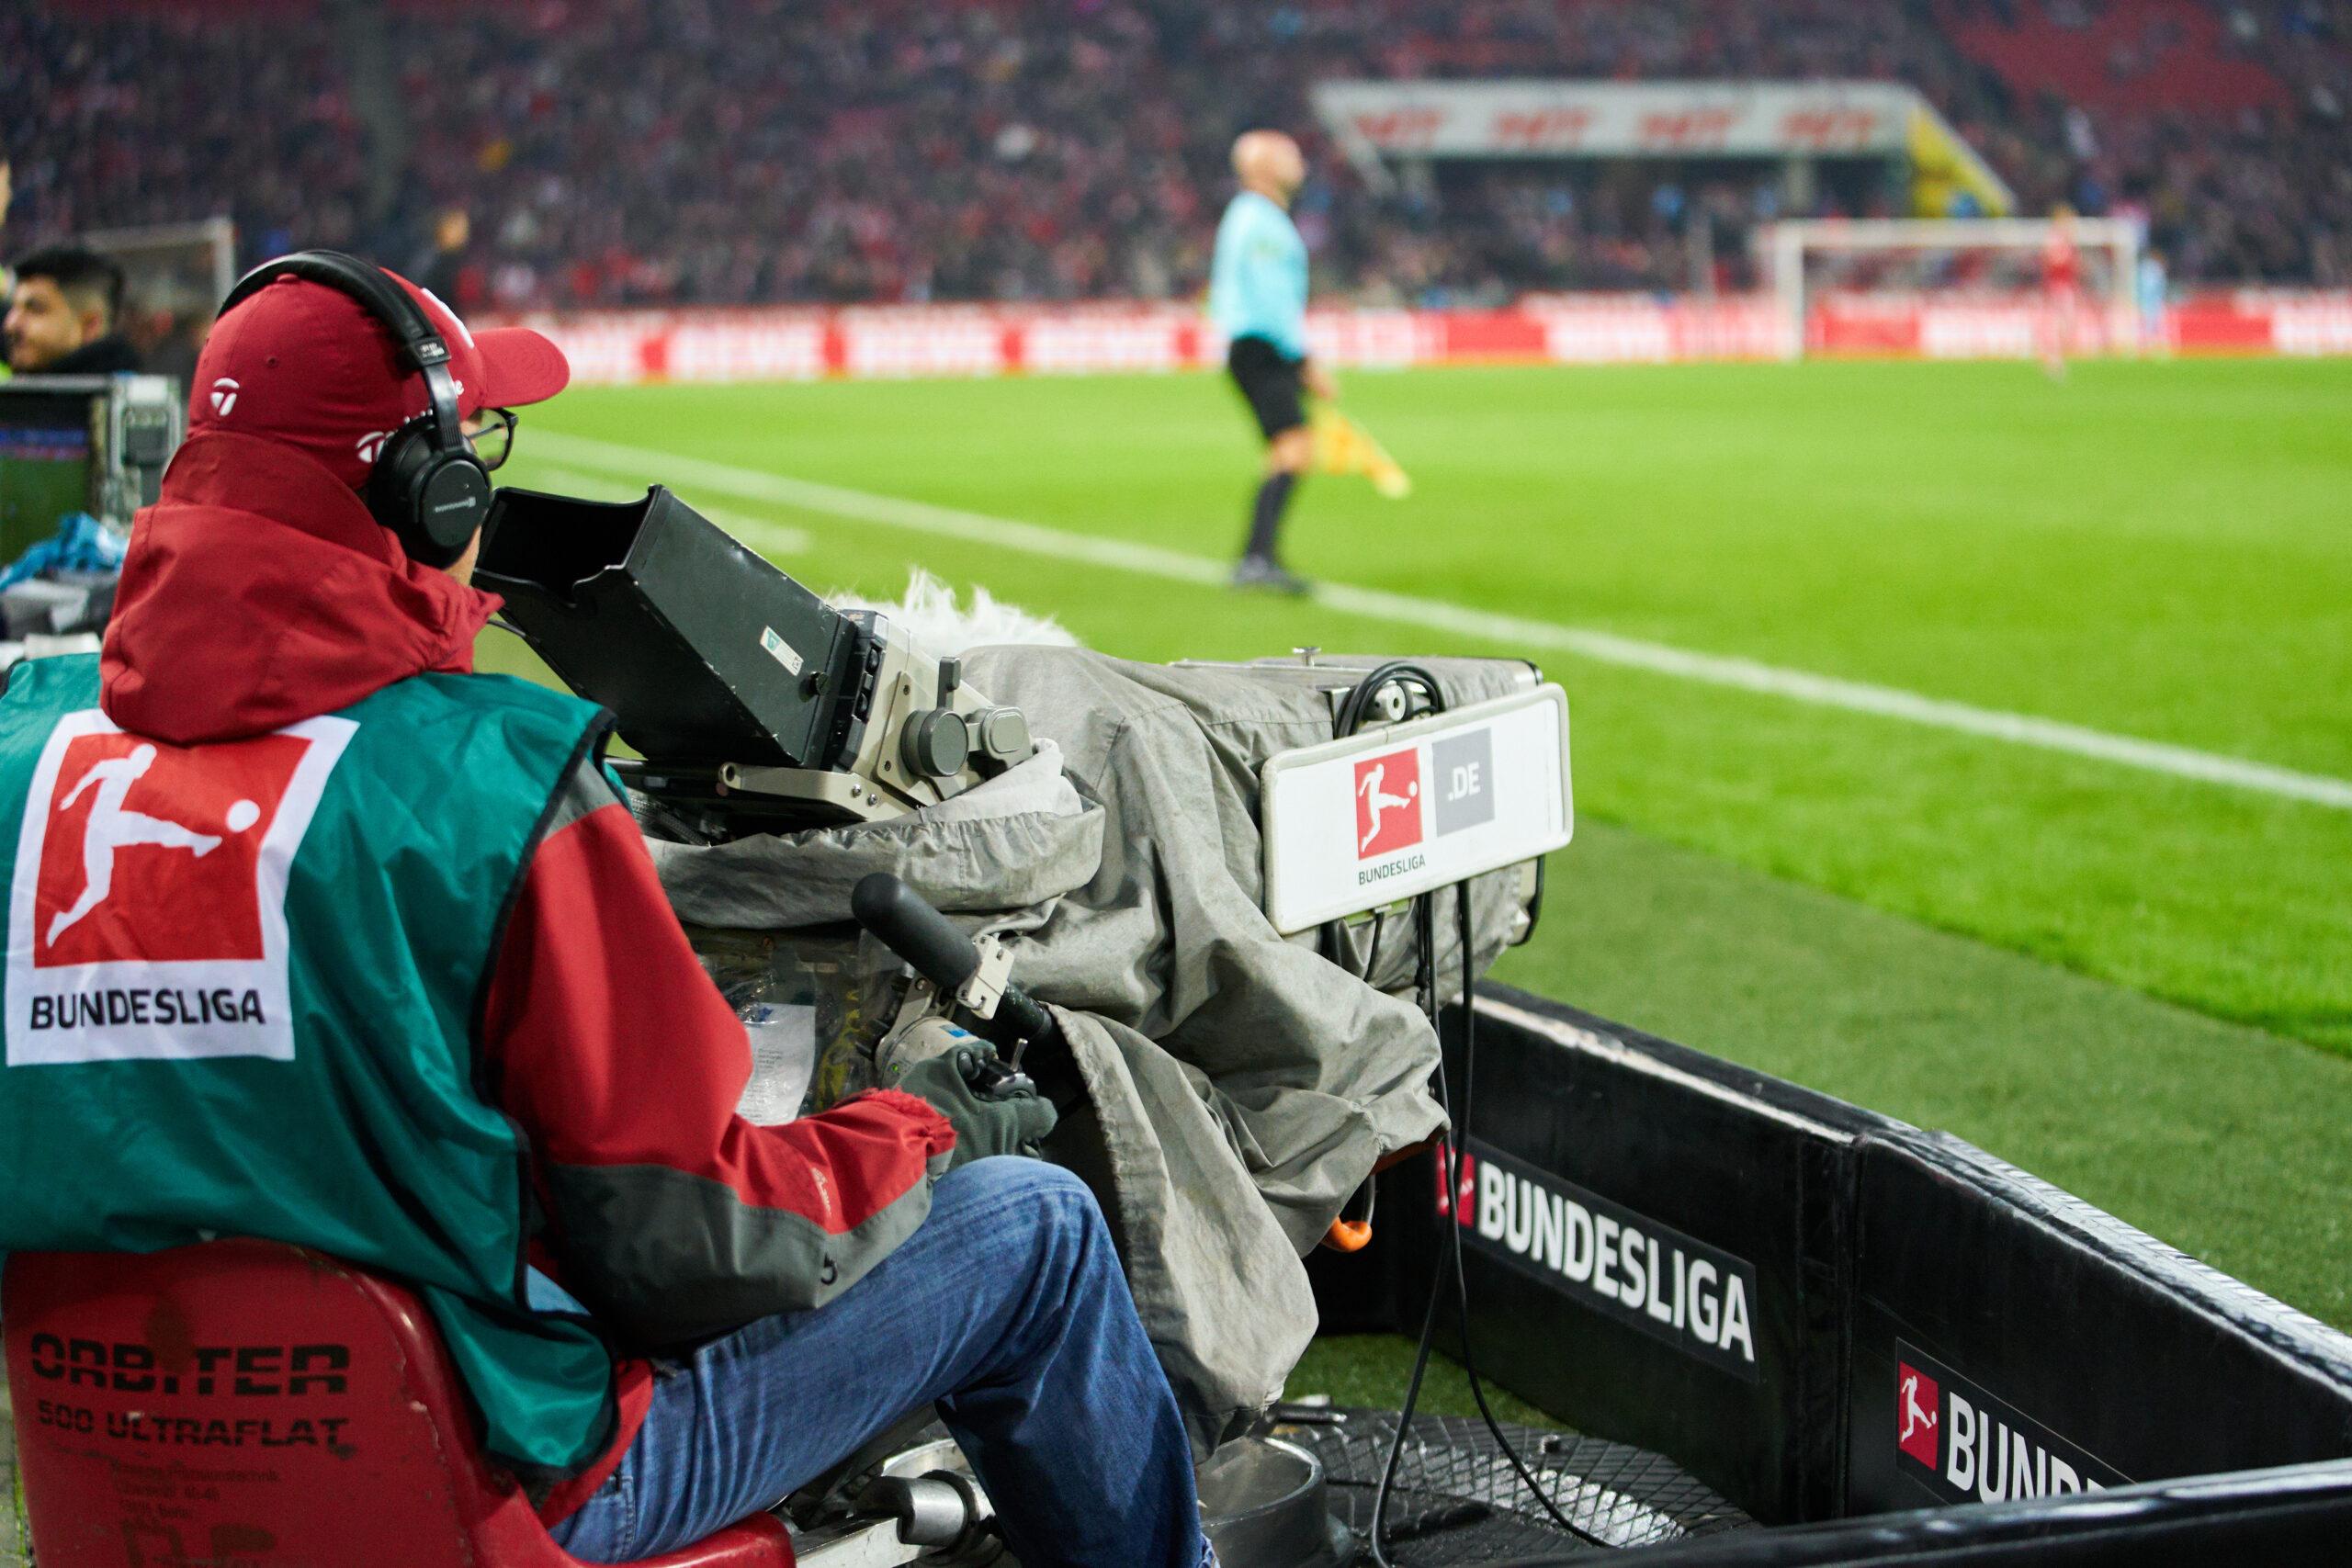 La Bundesliga sigue innovando sus transmisiones. Foto: Imago.